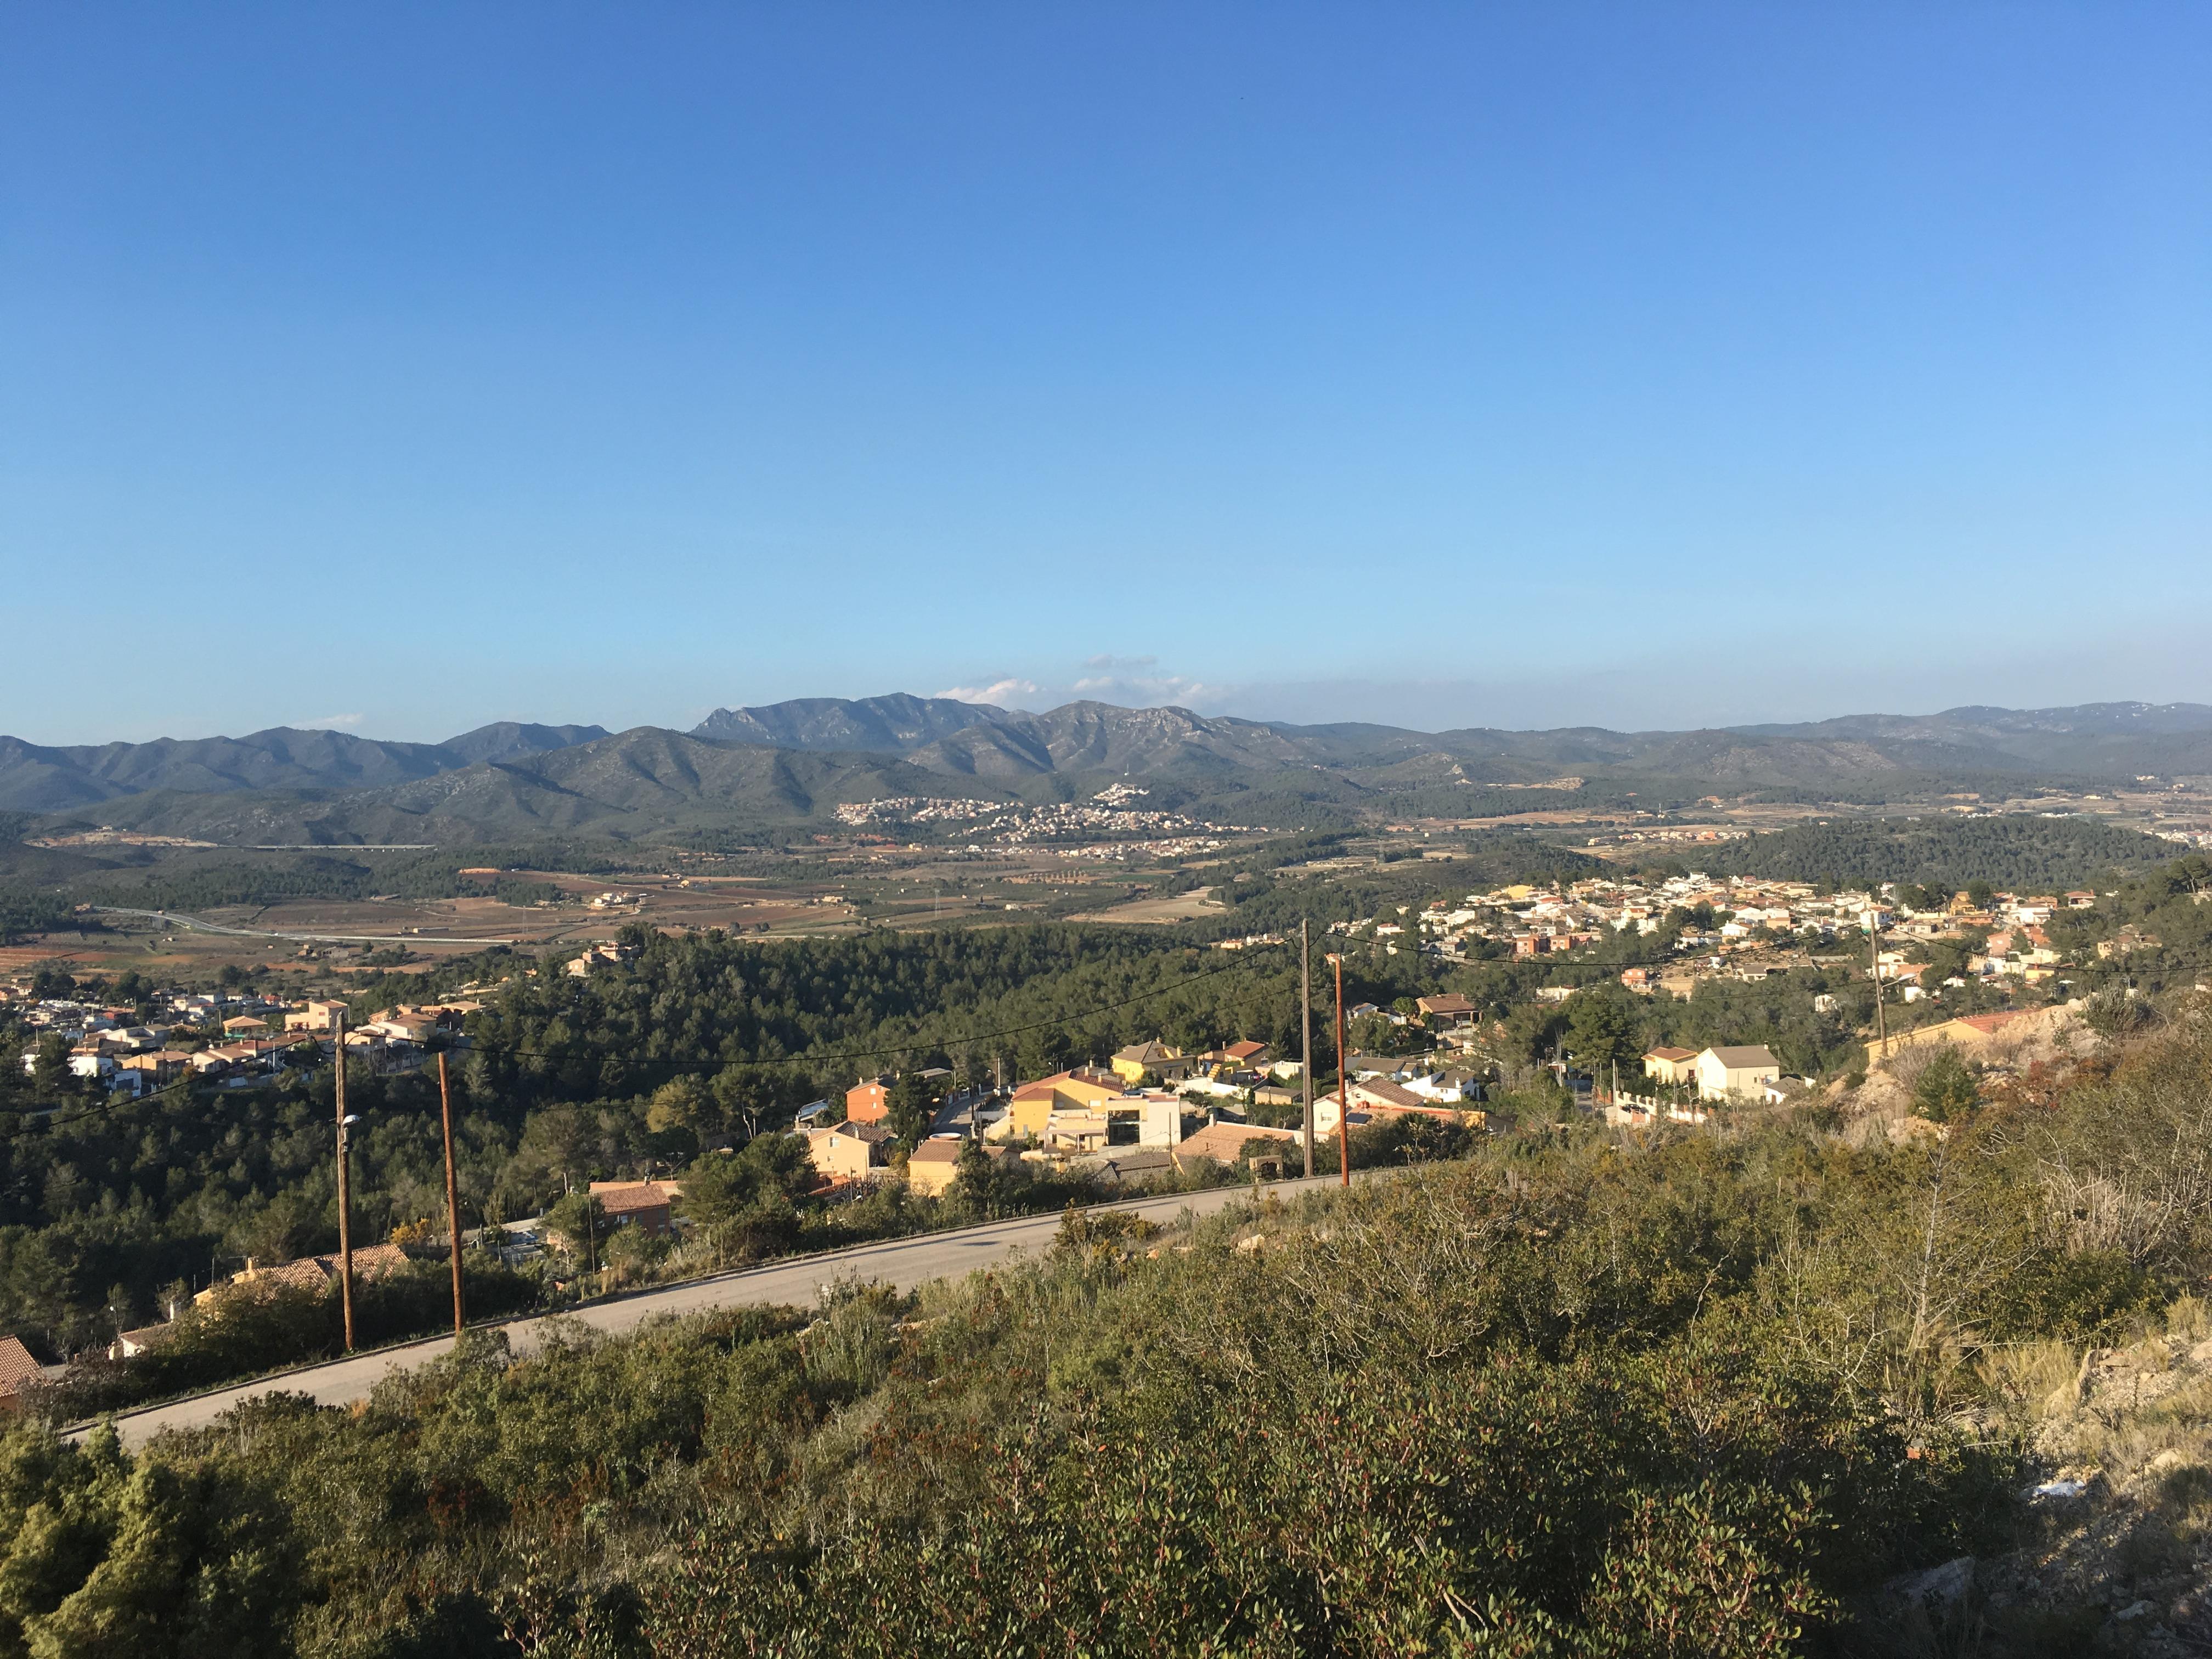 L'Ajuntament de La Bisbal del Penedès repararà el sostre del dipòsit d'aigua de Can Gordei